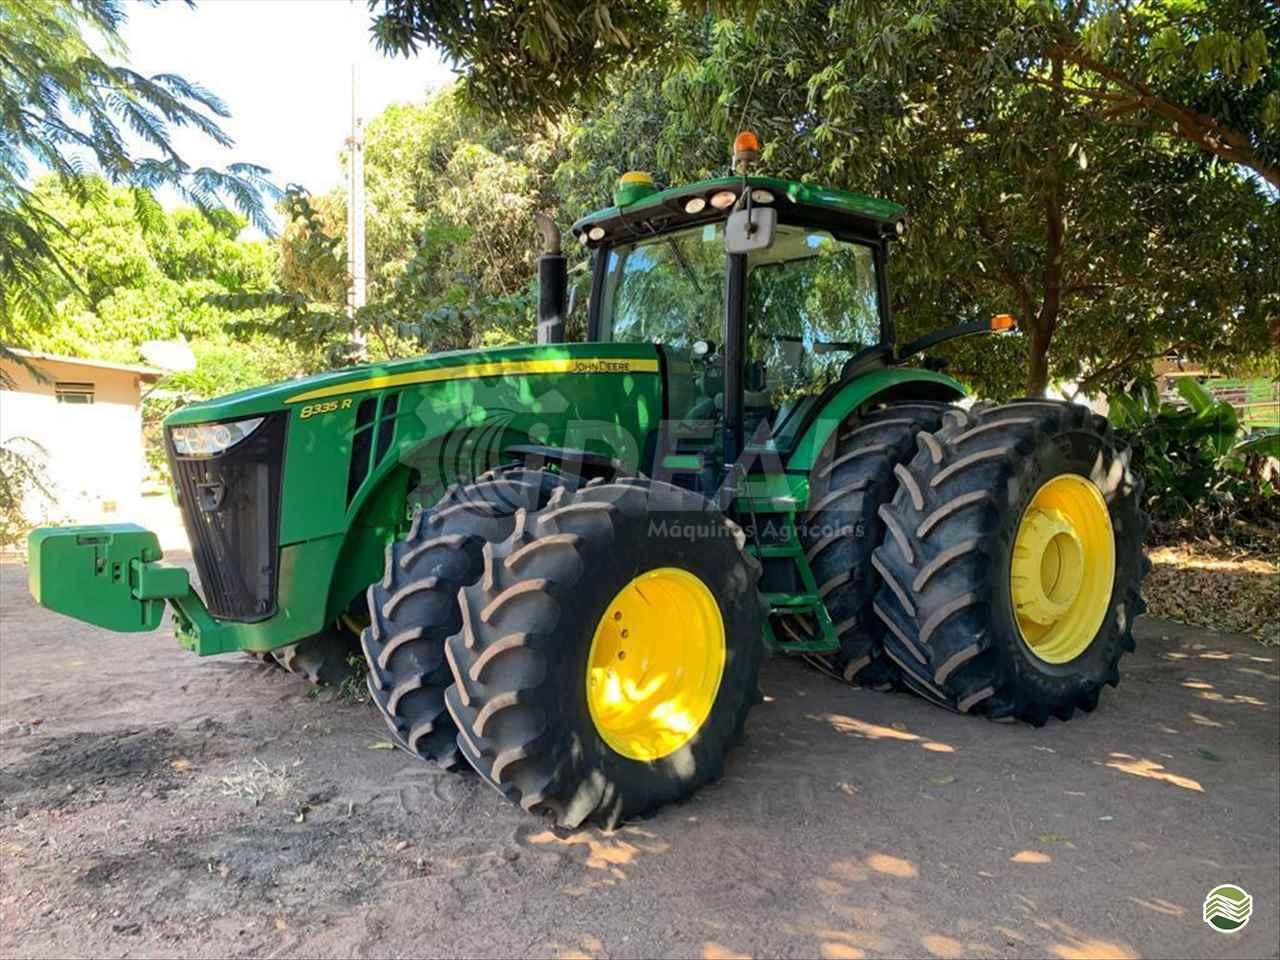 TRATOR JOHN DEERE JOHN DEERE 8335 Tração 4x4 Ideal Máquinas Agrícolas SAO GONCALO DO SAPUCAI MINAS GERAIS MG